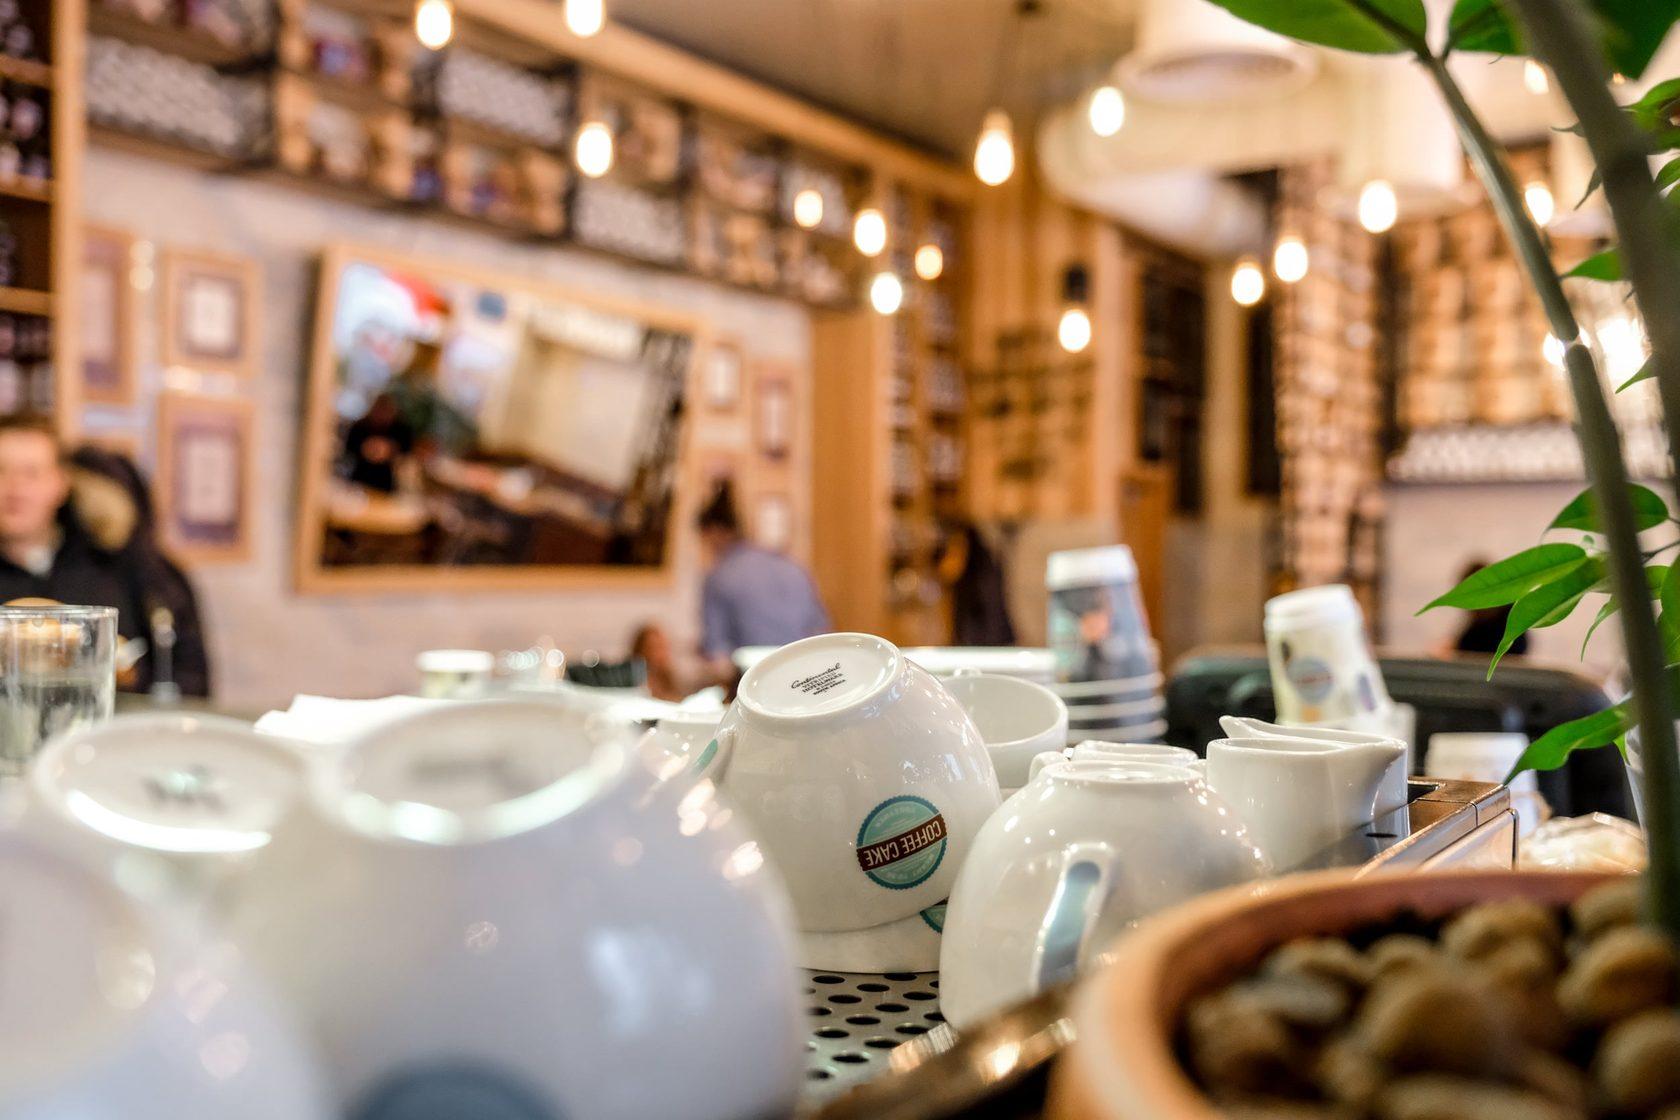 Топ-10 кафе и ресторанов Нижнего Новгорода, где можно вкусно и недорого поесть: адреса, цены, отзывы